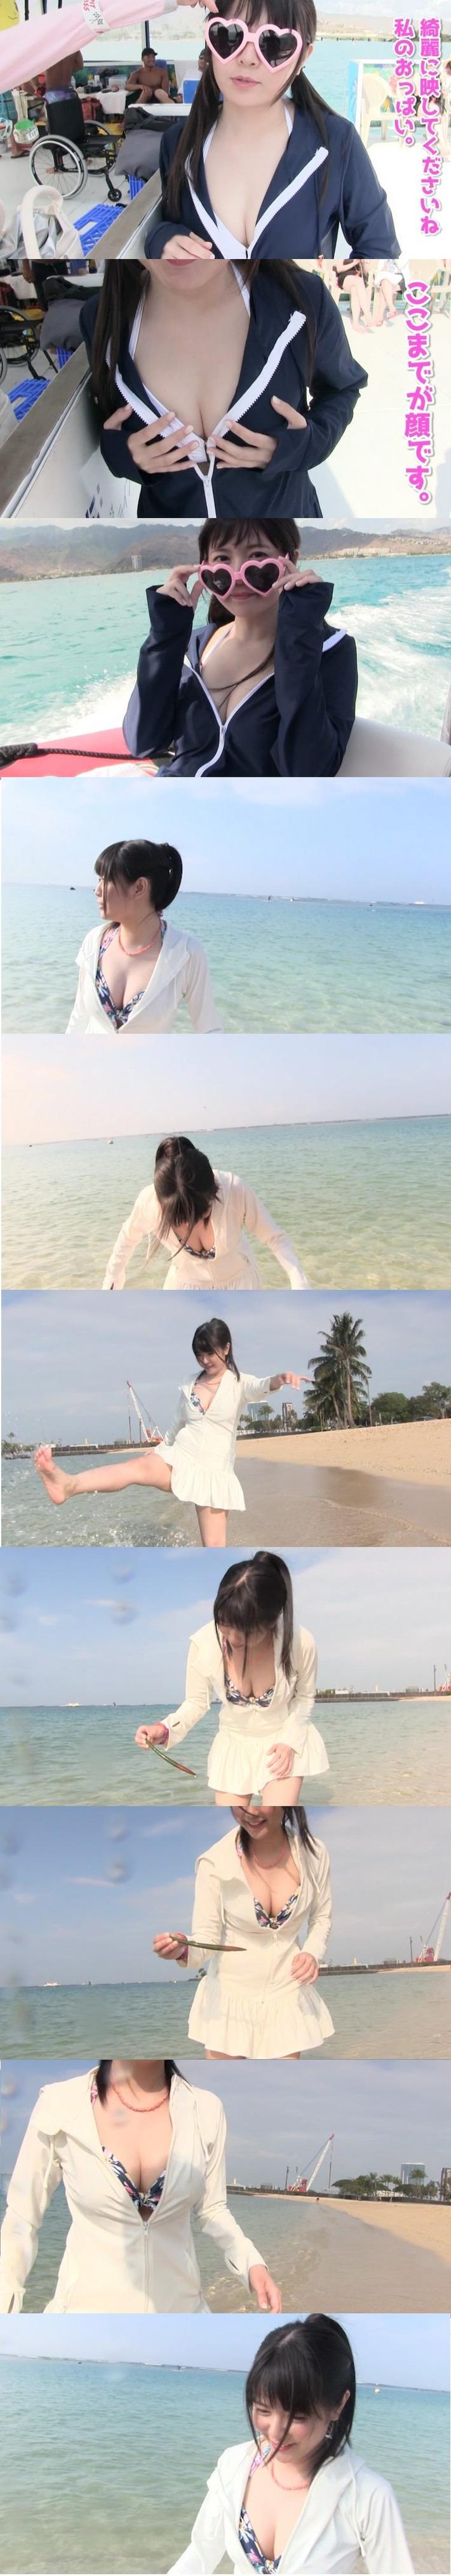 【画像】声優・竹達彩奈さんの水着お乳エッッッッッッロッッッッッッッッッッ